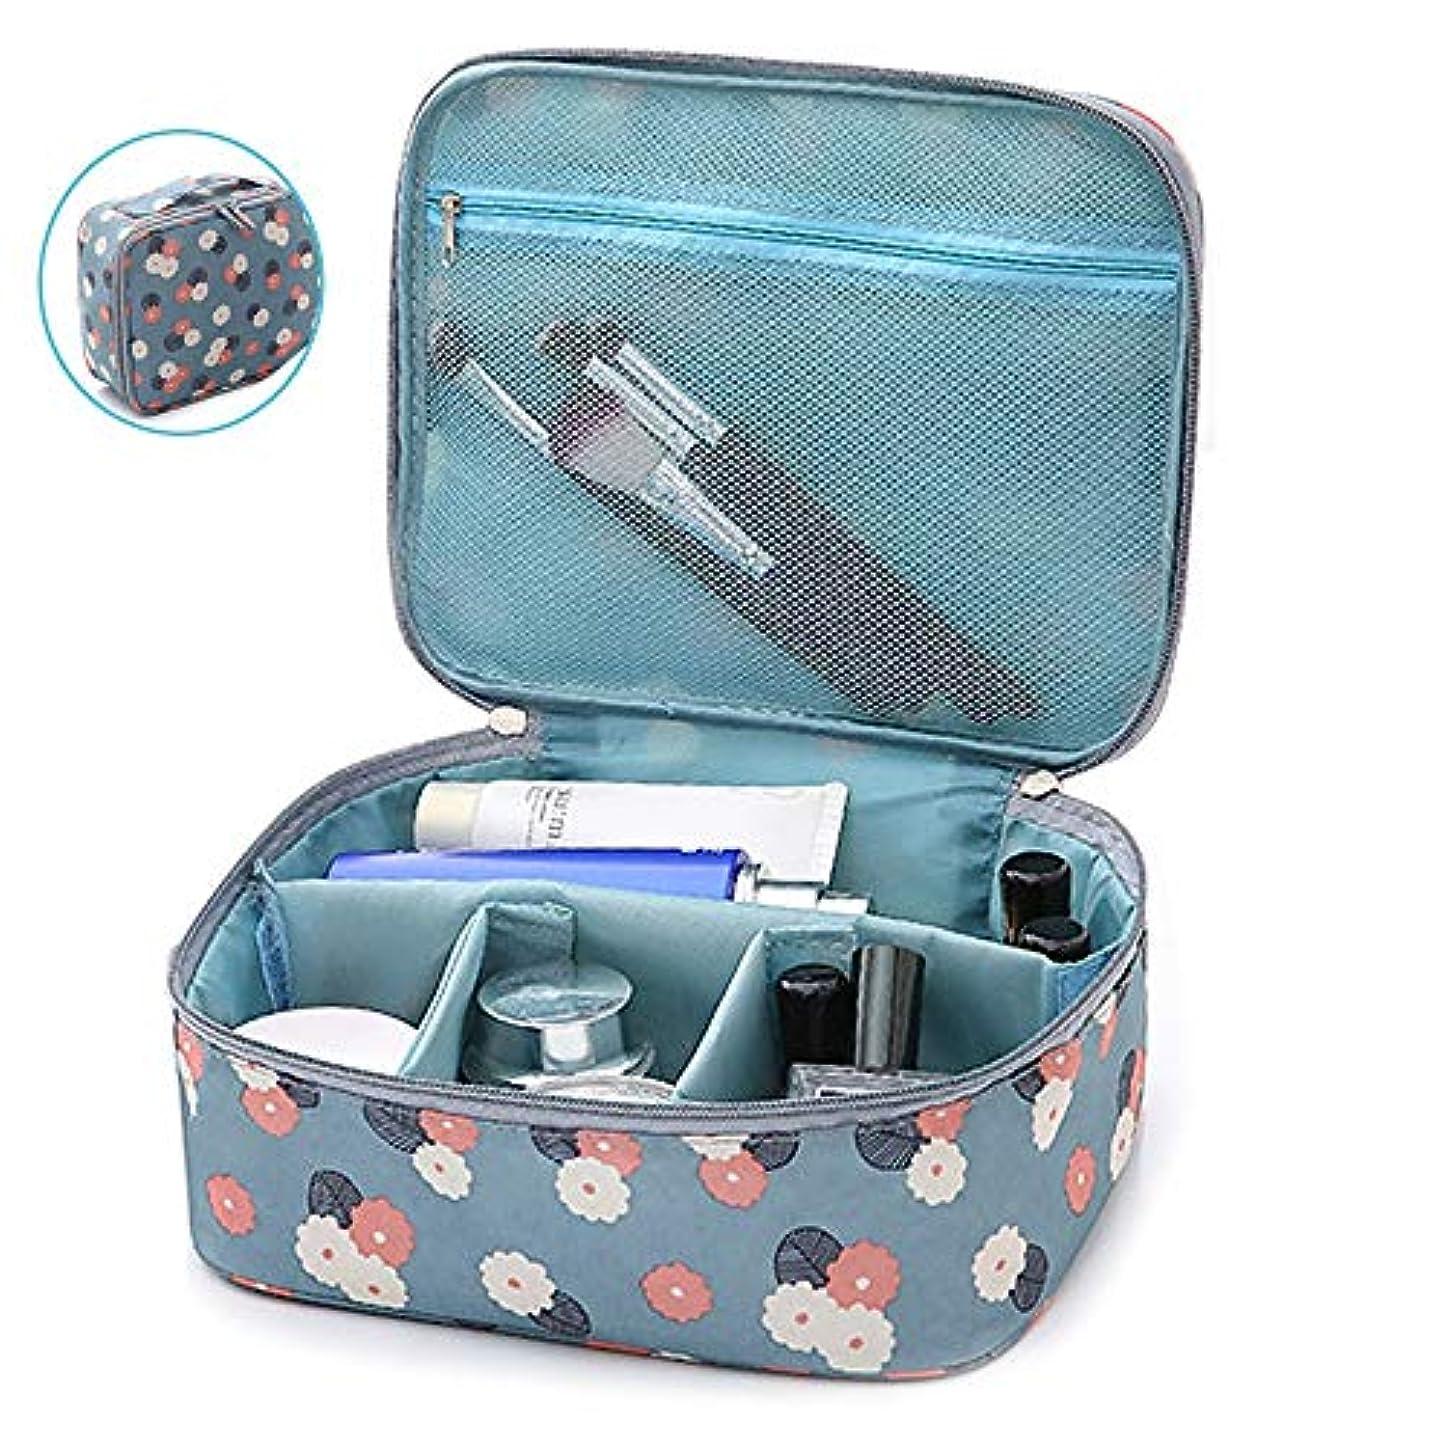 旅客盲目破産メイクボックス プロ用 大容量 コスメボックス 旅行ポーチ 化粧道具 小物収納 メイクポーチ